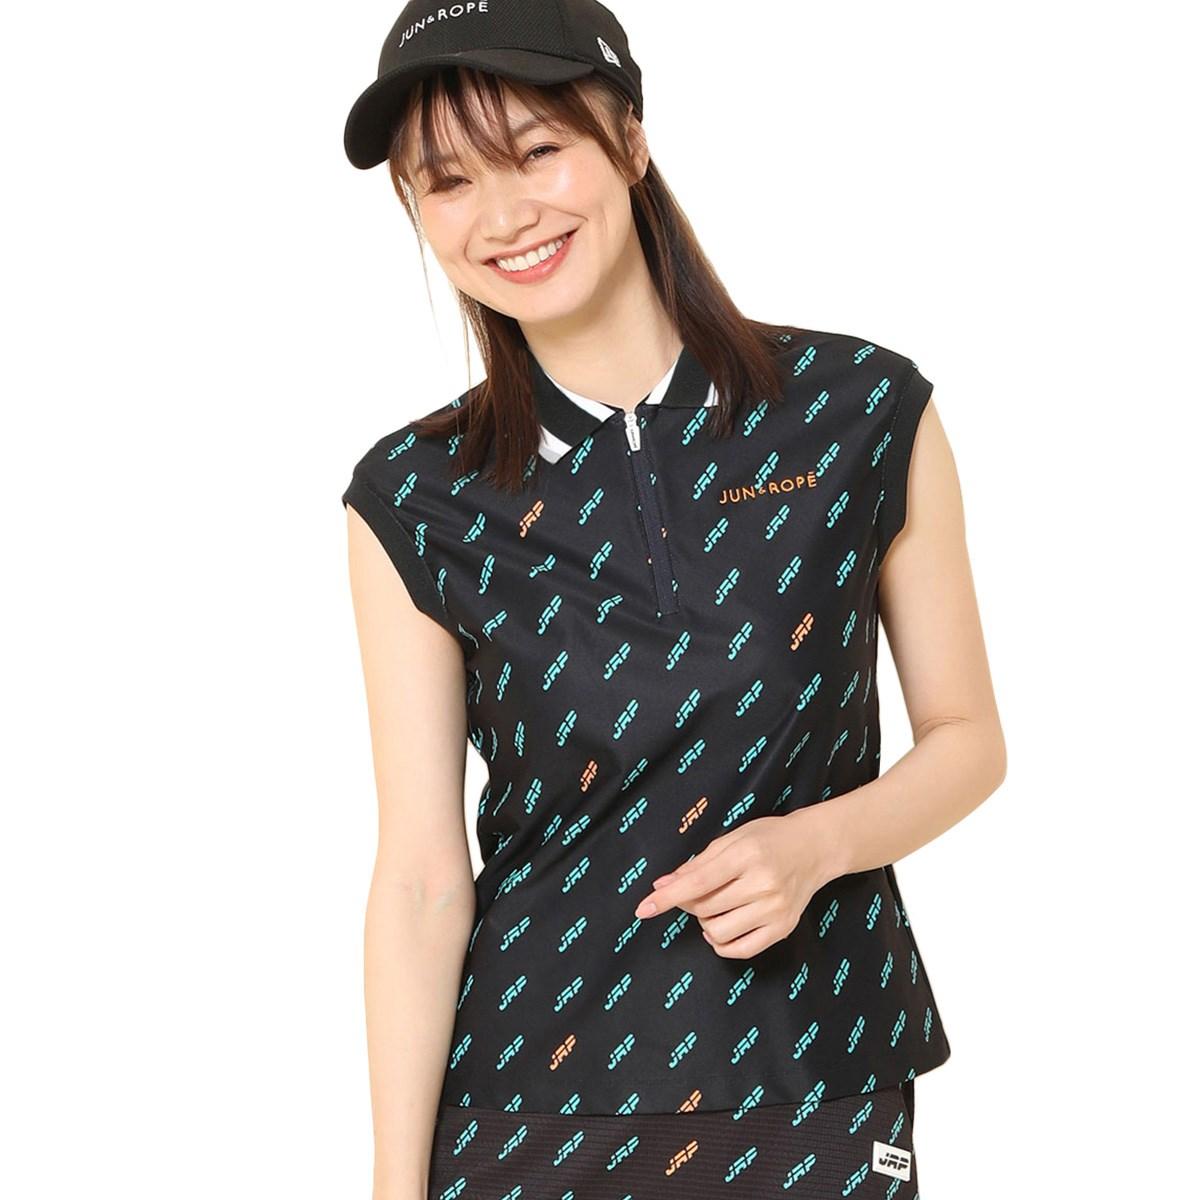 ジュン アンド ロペ JUN & ROPE モノグラム柄プリント フレンチスリーブ半袖ポロシャツ S ブラック 01 レディス